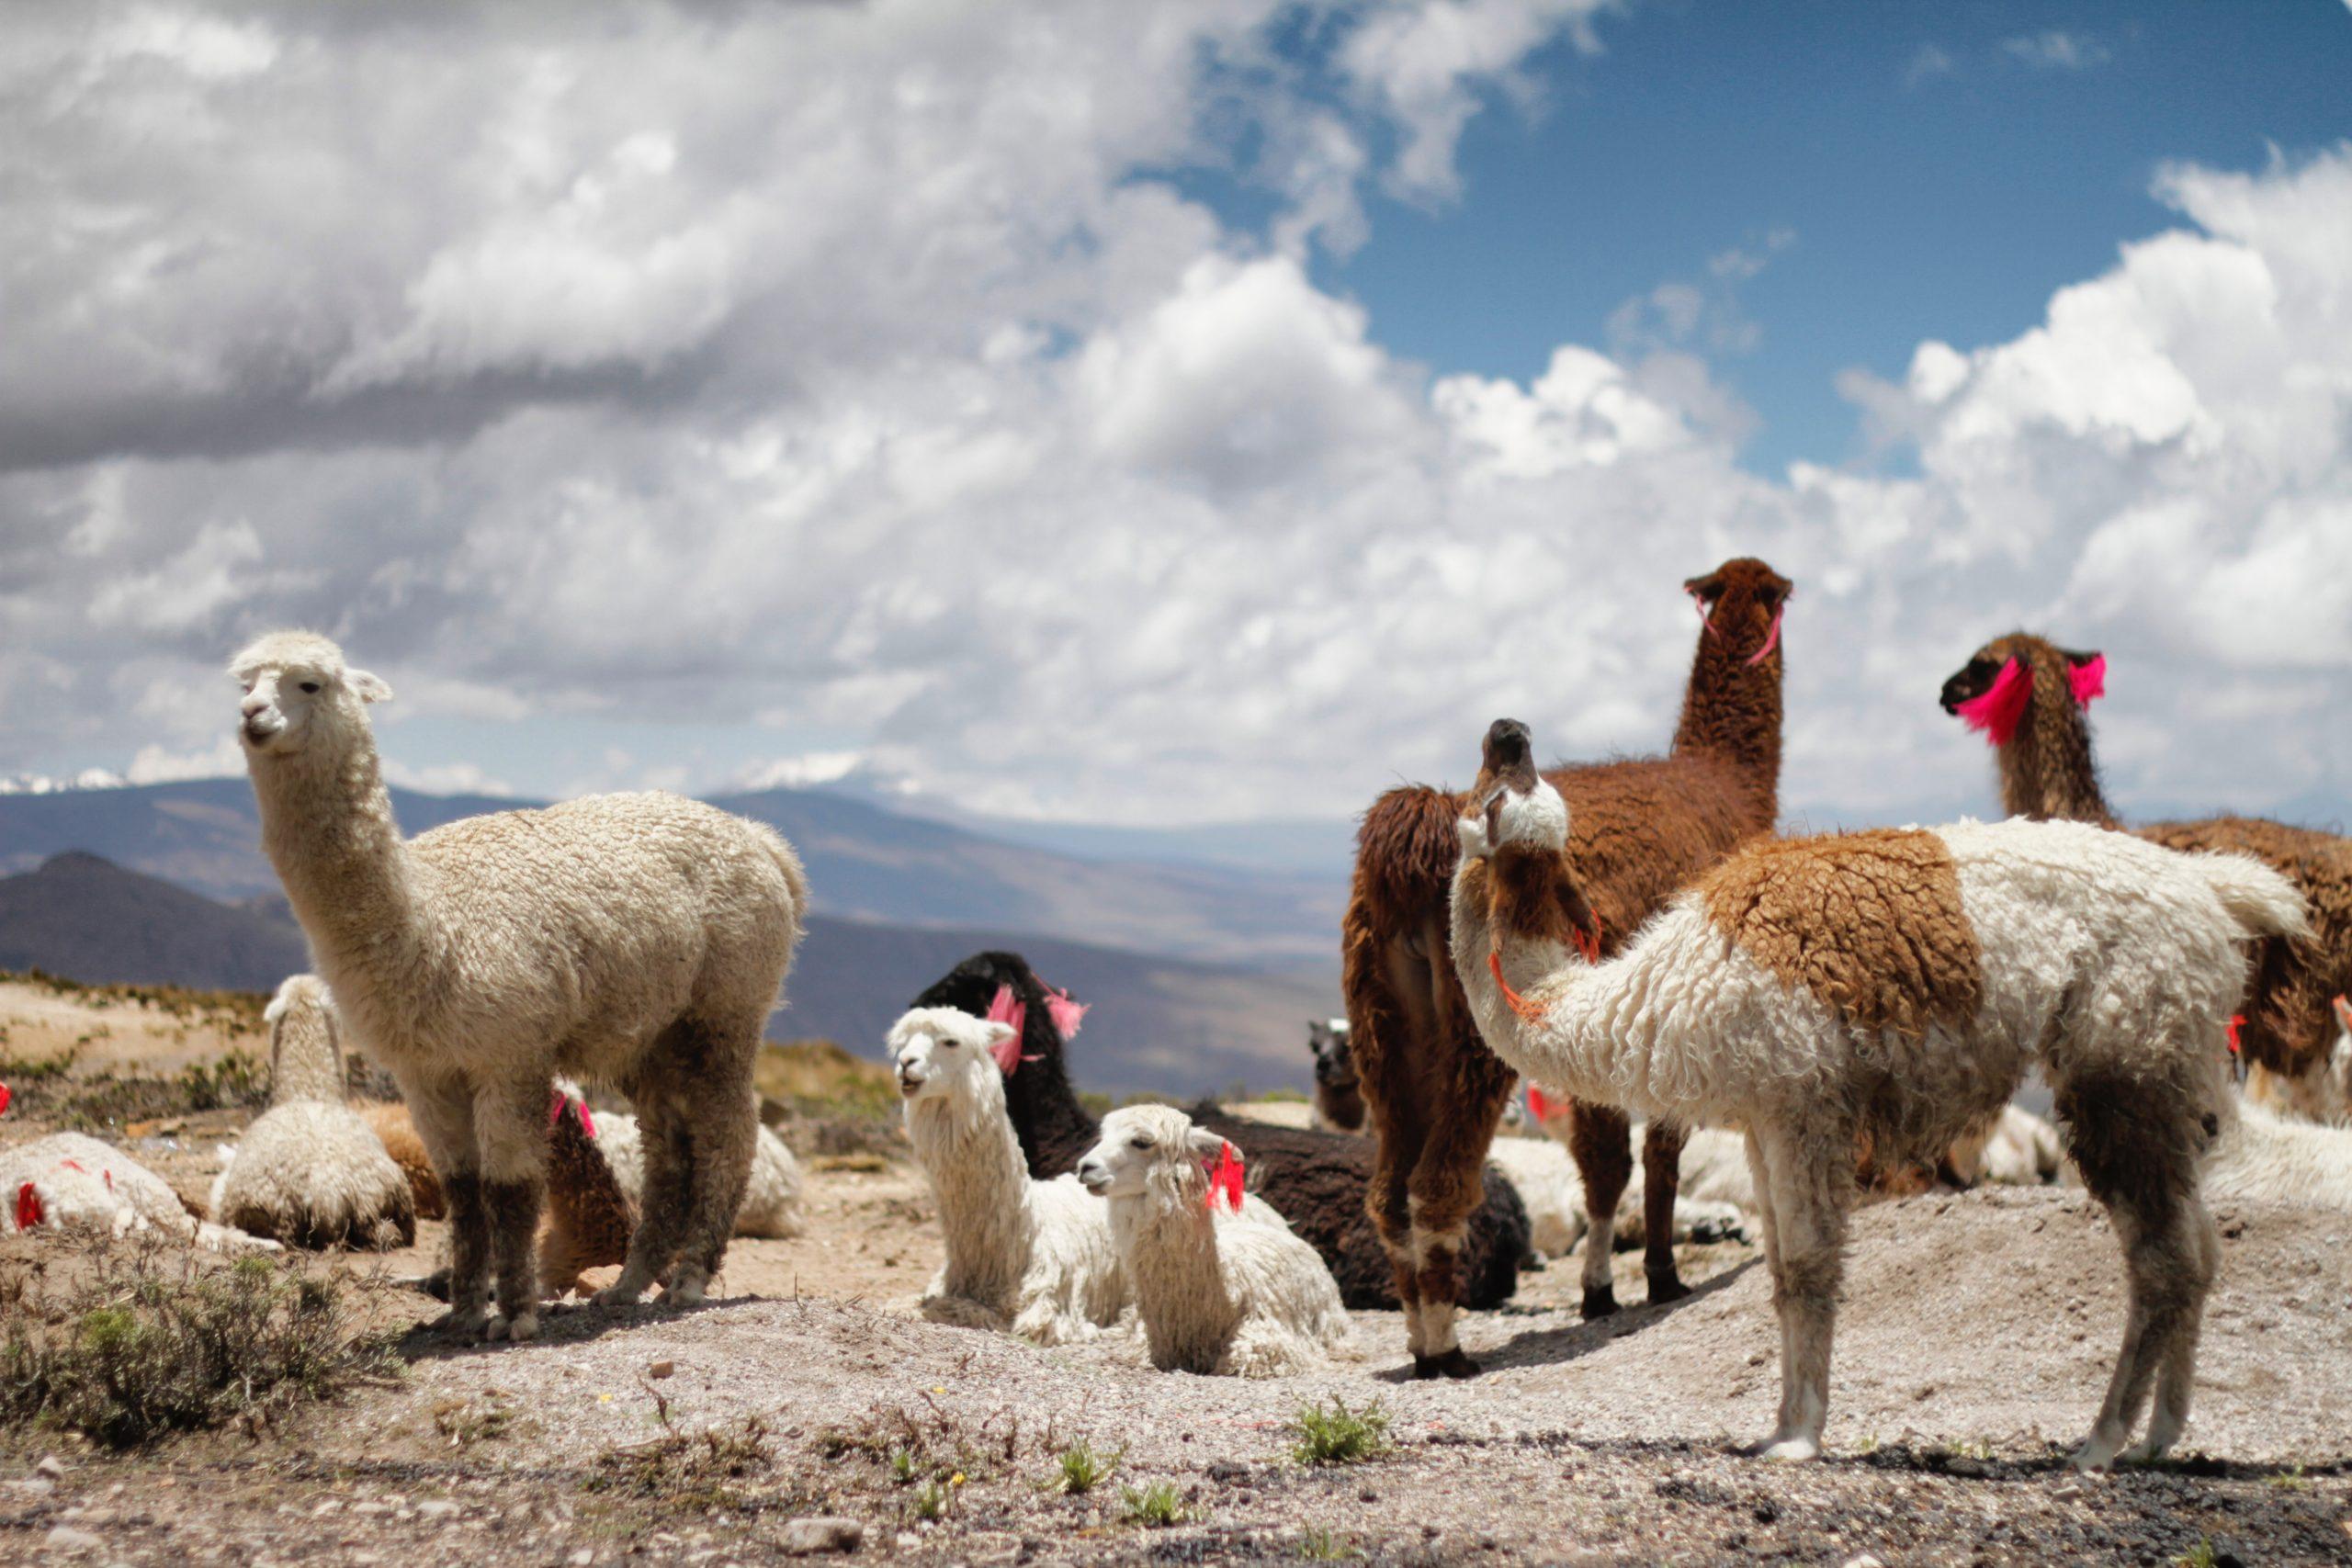 melhores lugares para viajar na América Latina: Machu Picchu